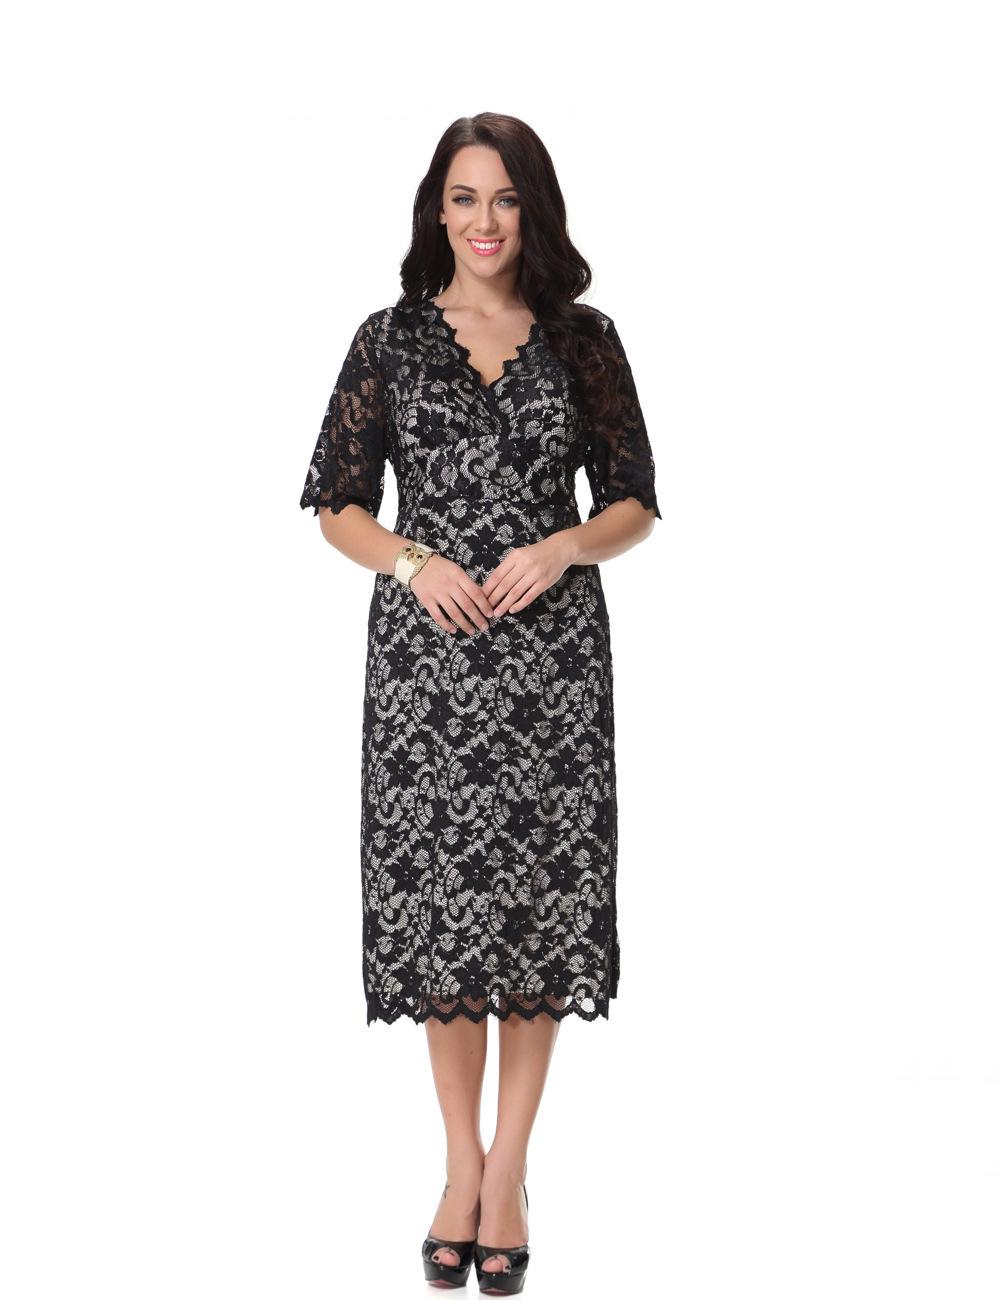 Großartig Cocktail Dresses For Mature Women Ideen - Brautkleider ...